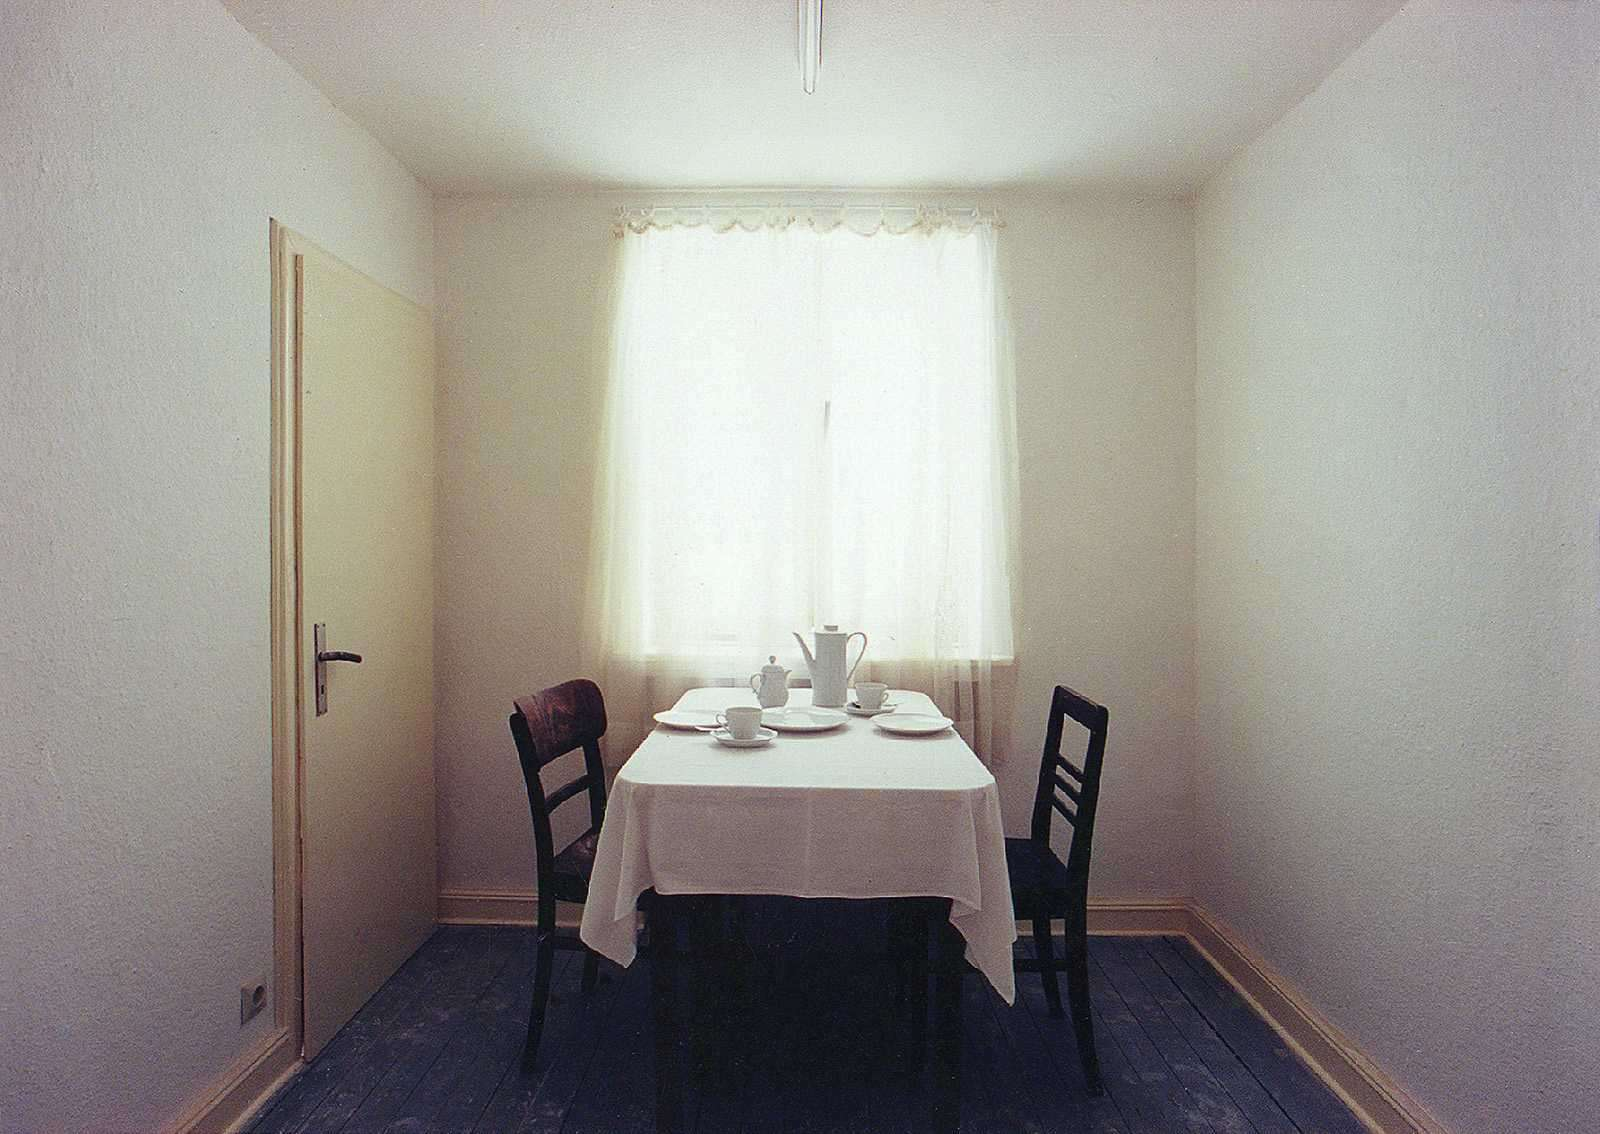 """Gregor Schneider, Raum 10, Kaffeezimmer, 1993, aus dem Werkkomplex """"Haus u r"""""""